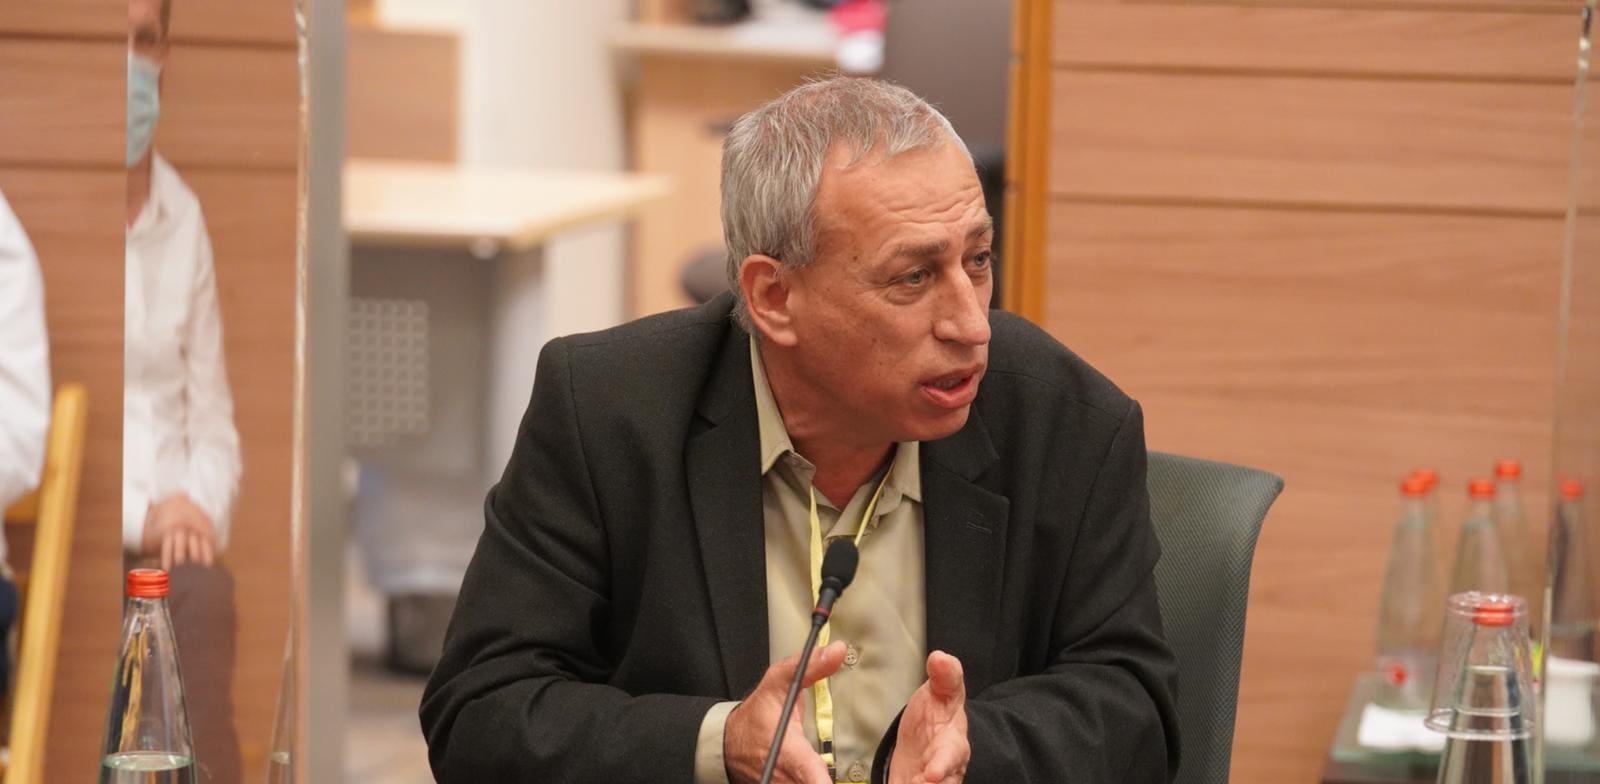 מנכ''ל משרד הבריאות פרופ' נחמן אש / צילום: דוברות הכנסת שמוליק גרוסמן